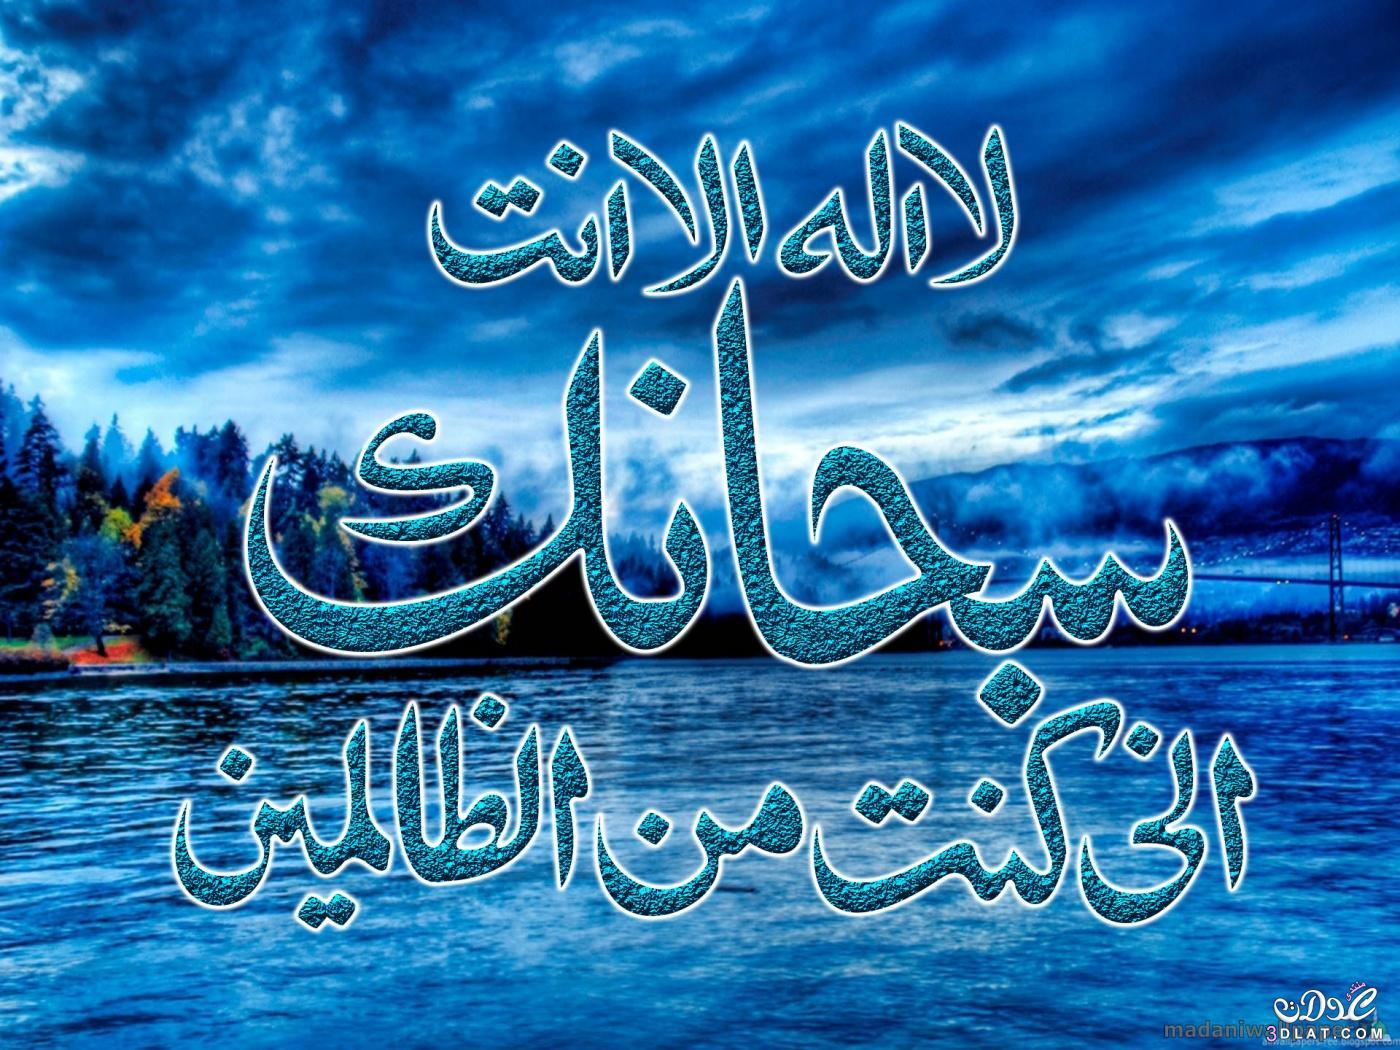 بالصور صور اسلاميه , صور مكتوب عليه ادعية اسلامية 3248 4